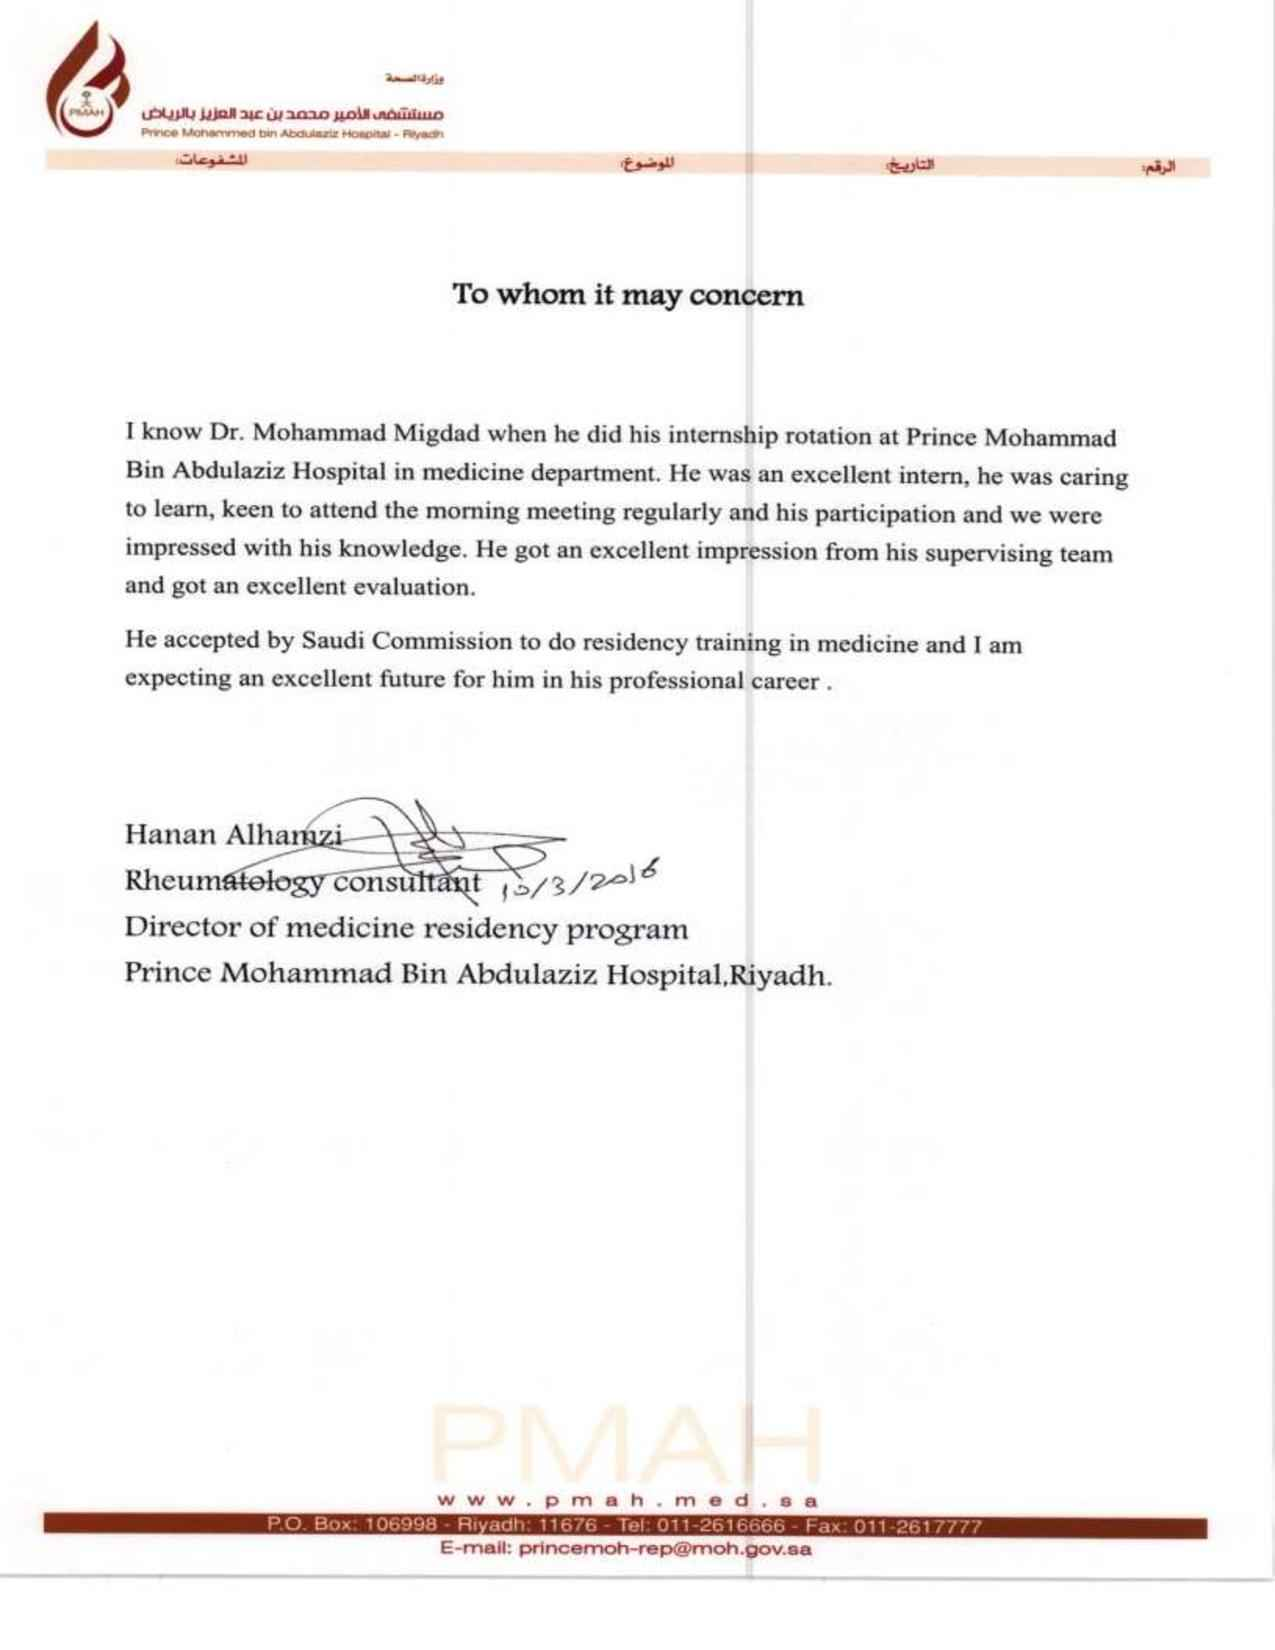 Mohammed ayman migdad bayt recommendation letter 3 mitanshu Images